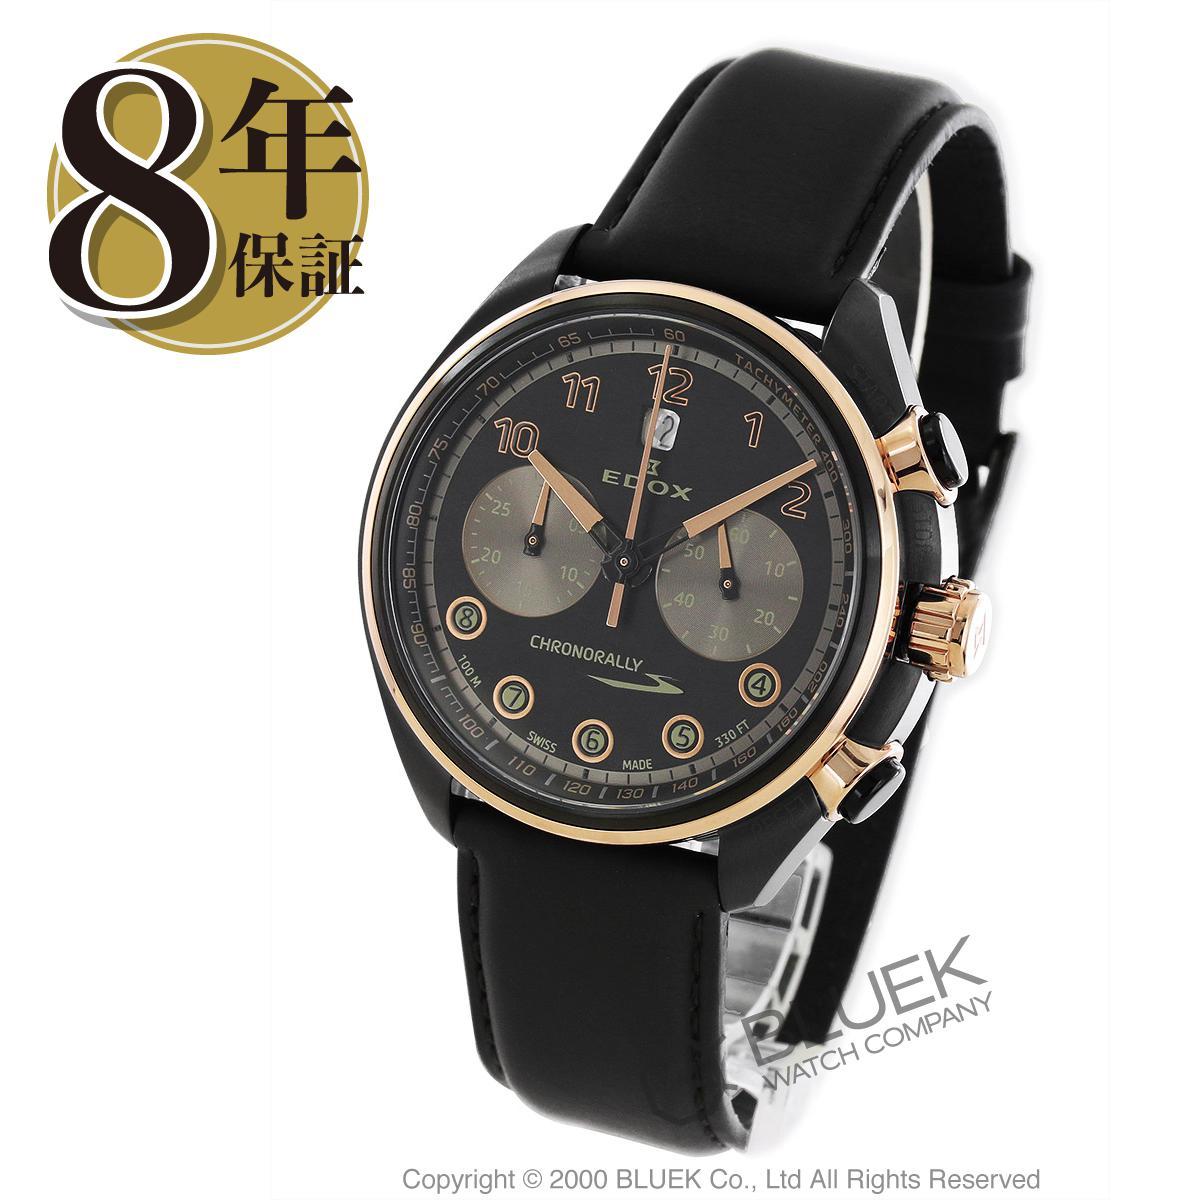 【最大3万円割引クーポン 11/01~】エドックス クロノラリー S クロノグラフ 腕時計 メンズ EDOX 08005-37NRCN-NNR_8